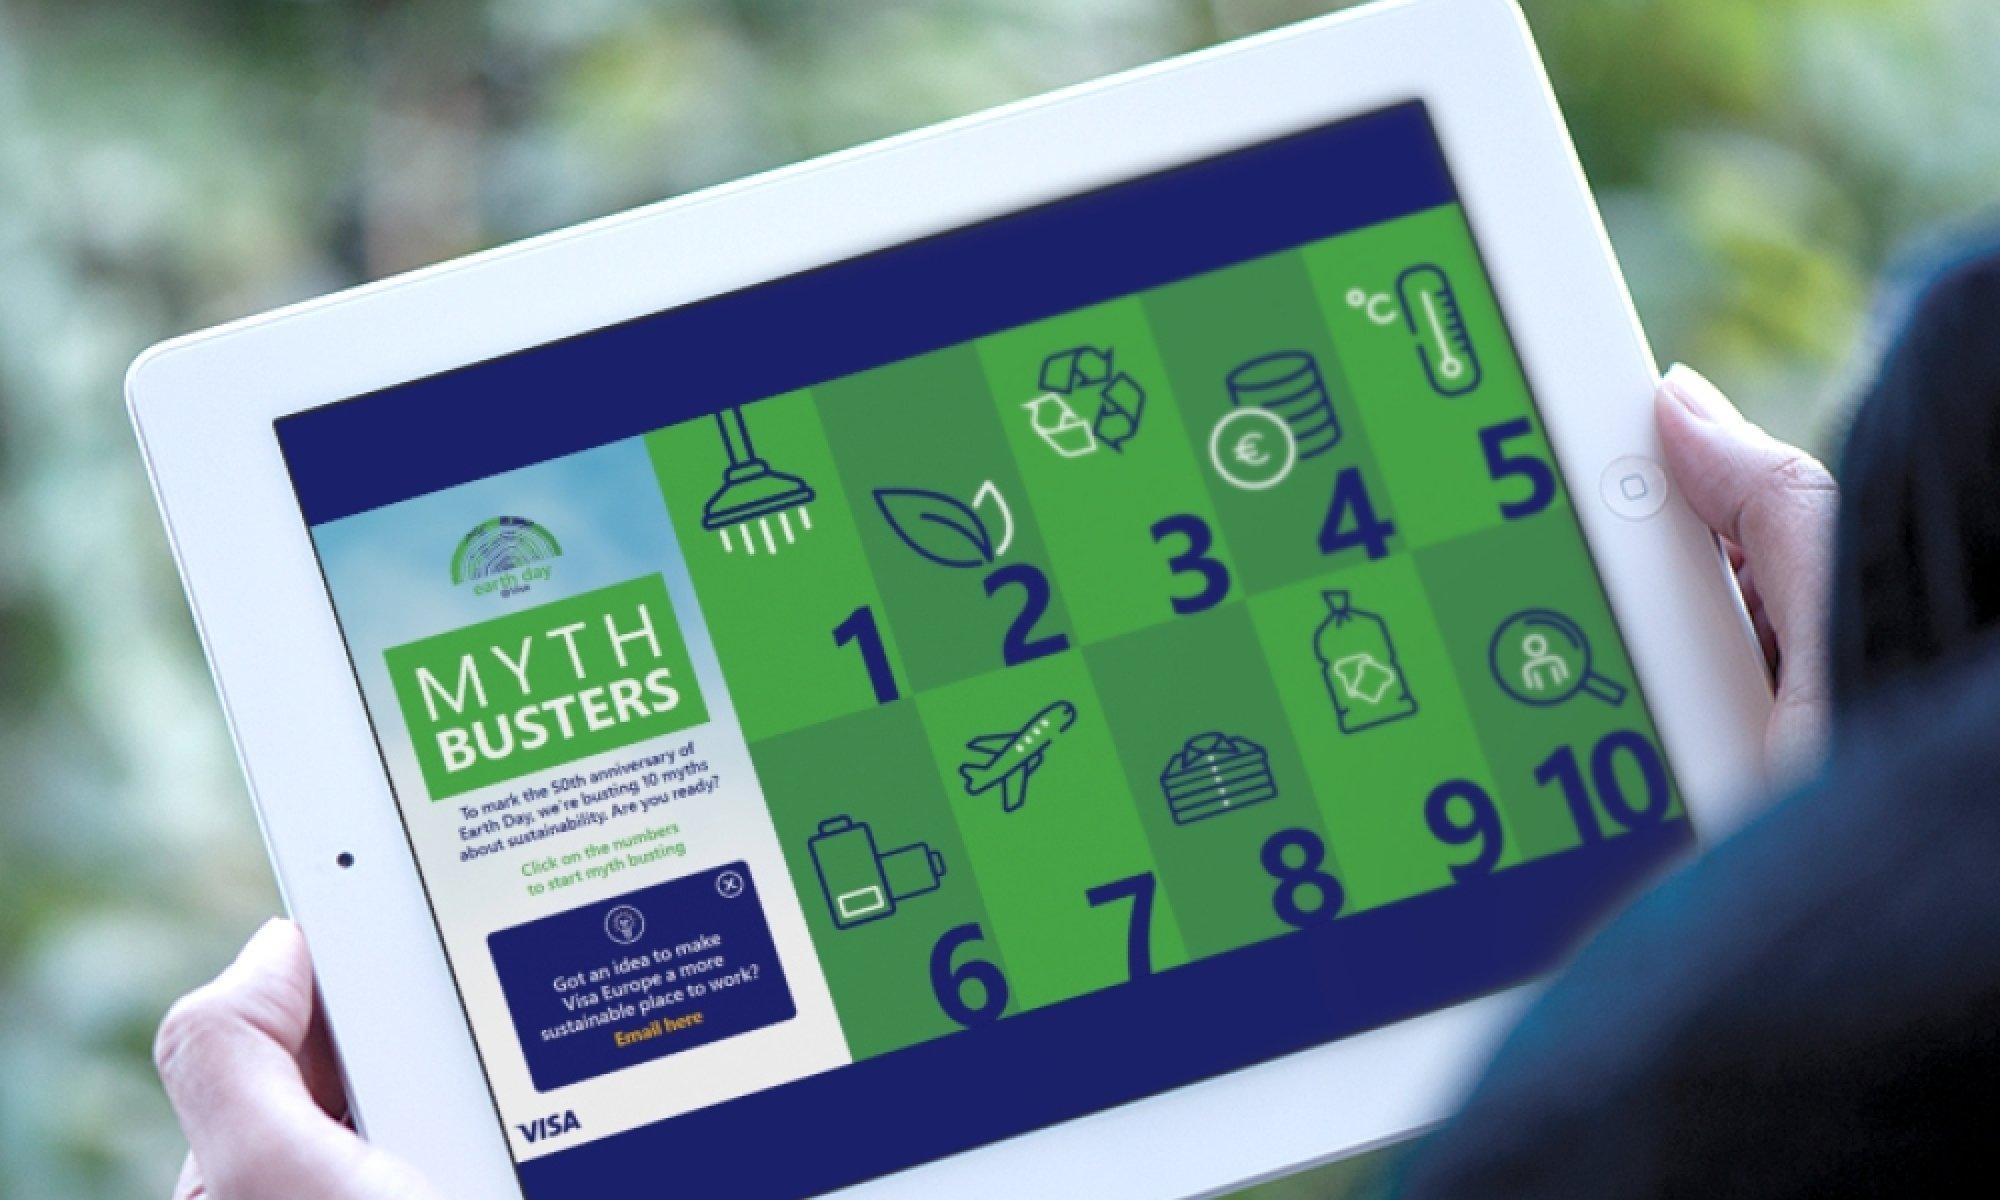 Visa sustainability case study images3